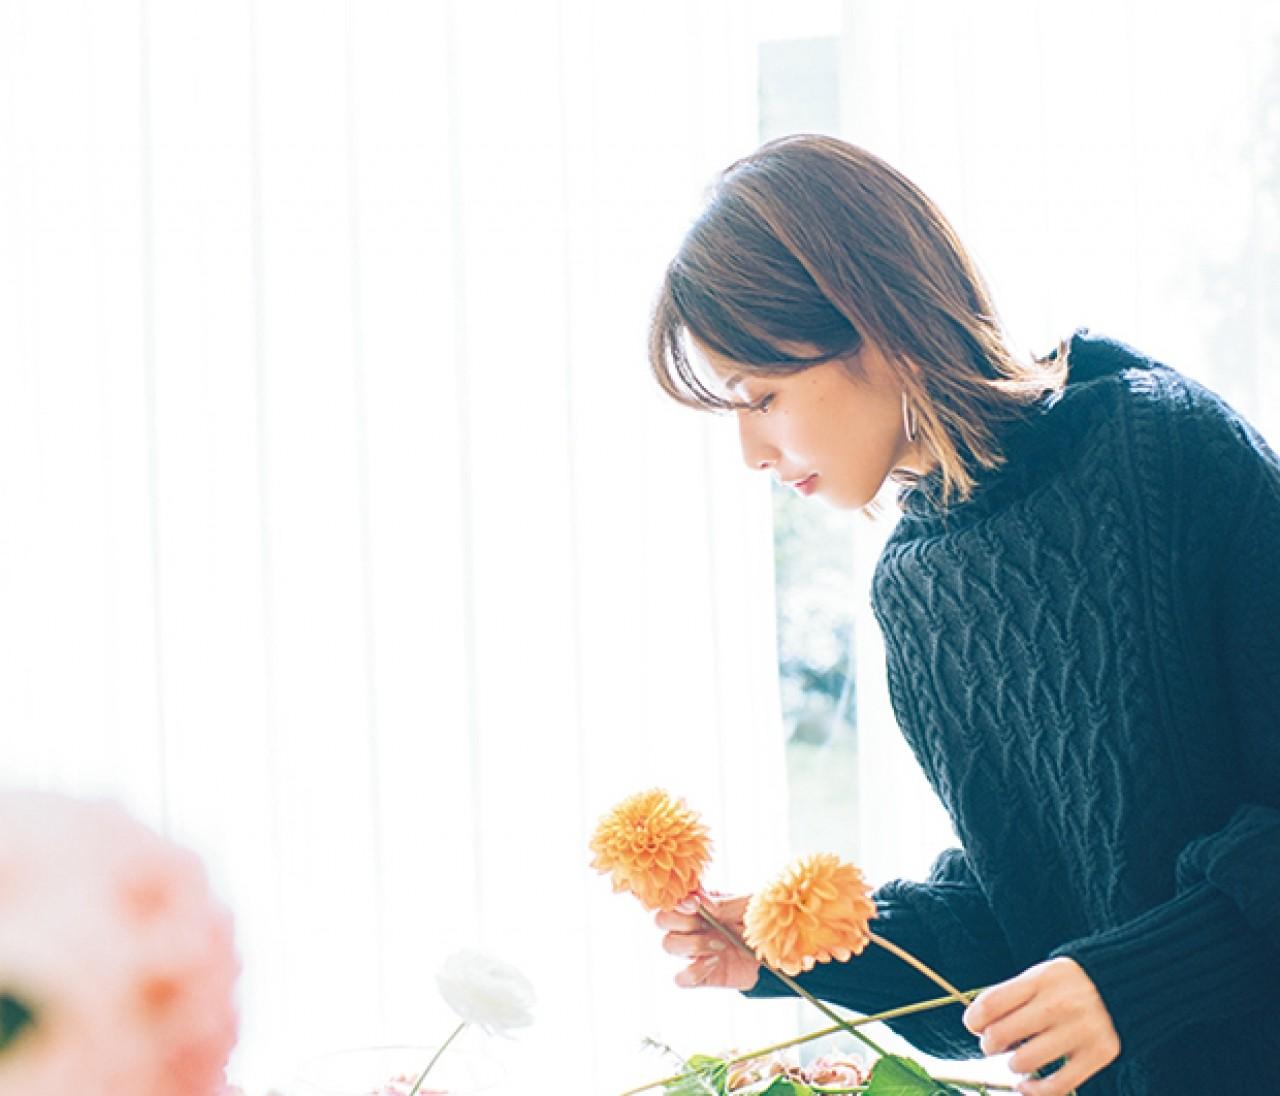 一輪で映える花でホムパの食卓をドレスアップ【カトパンのあえて小さく飾る花レッスン】